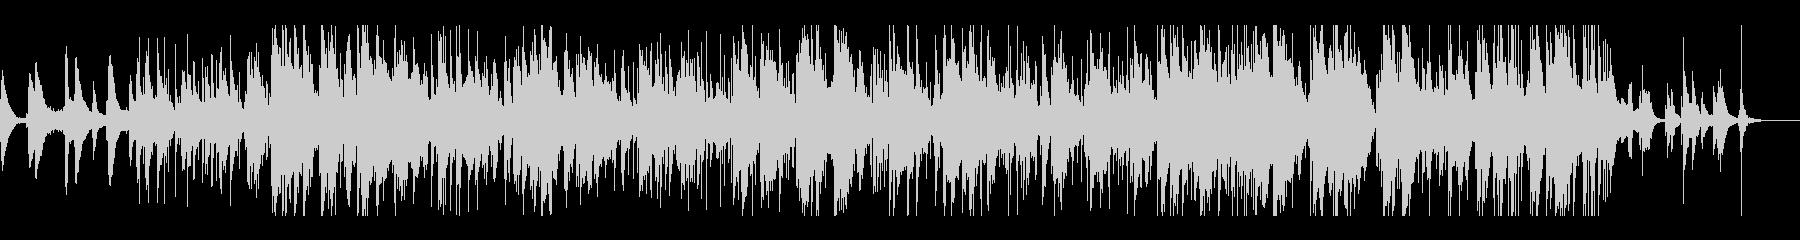 夜景の似合う落ち着いたジャズ系チルアウトの未再生の波形